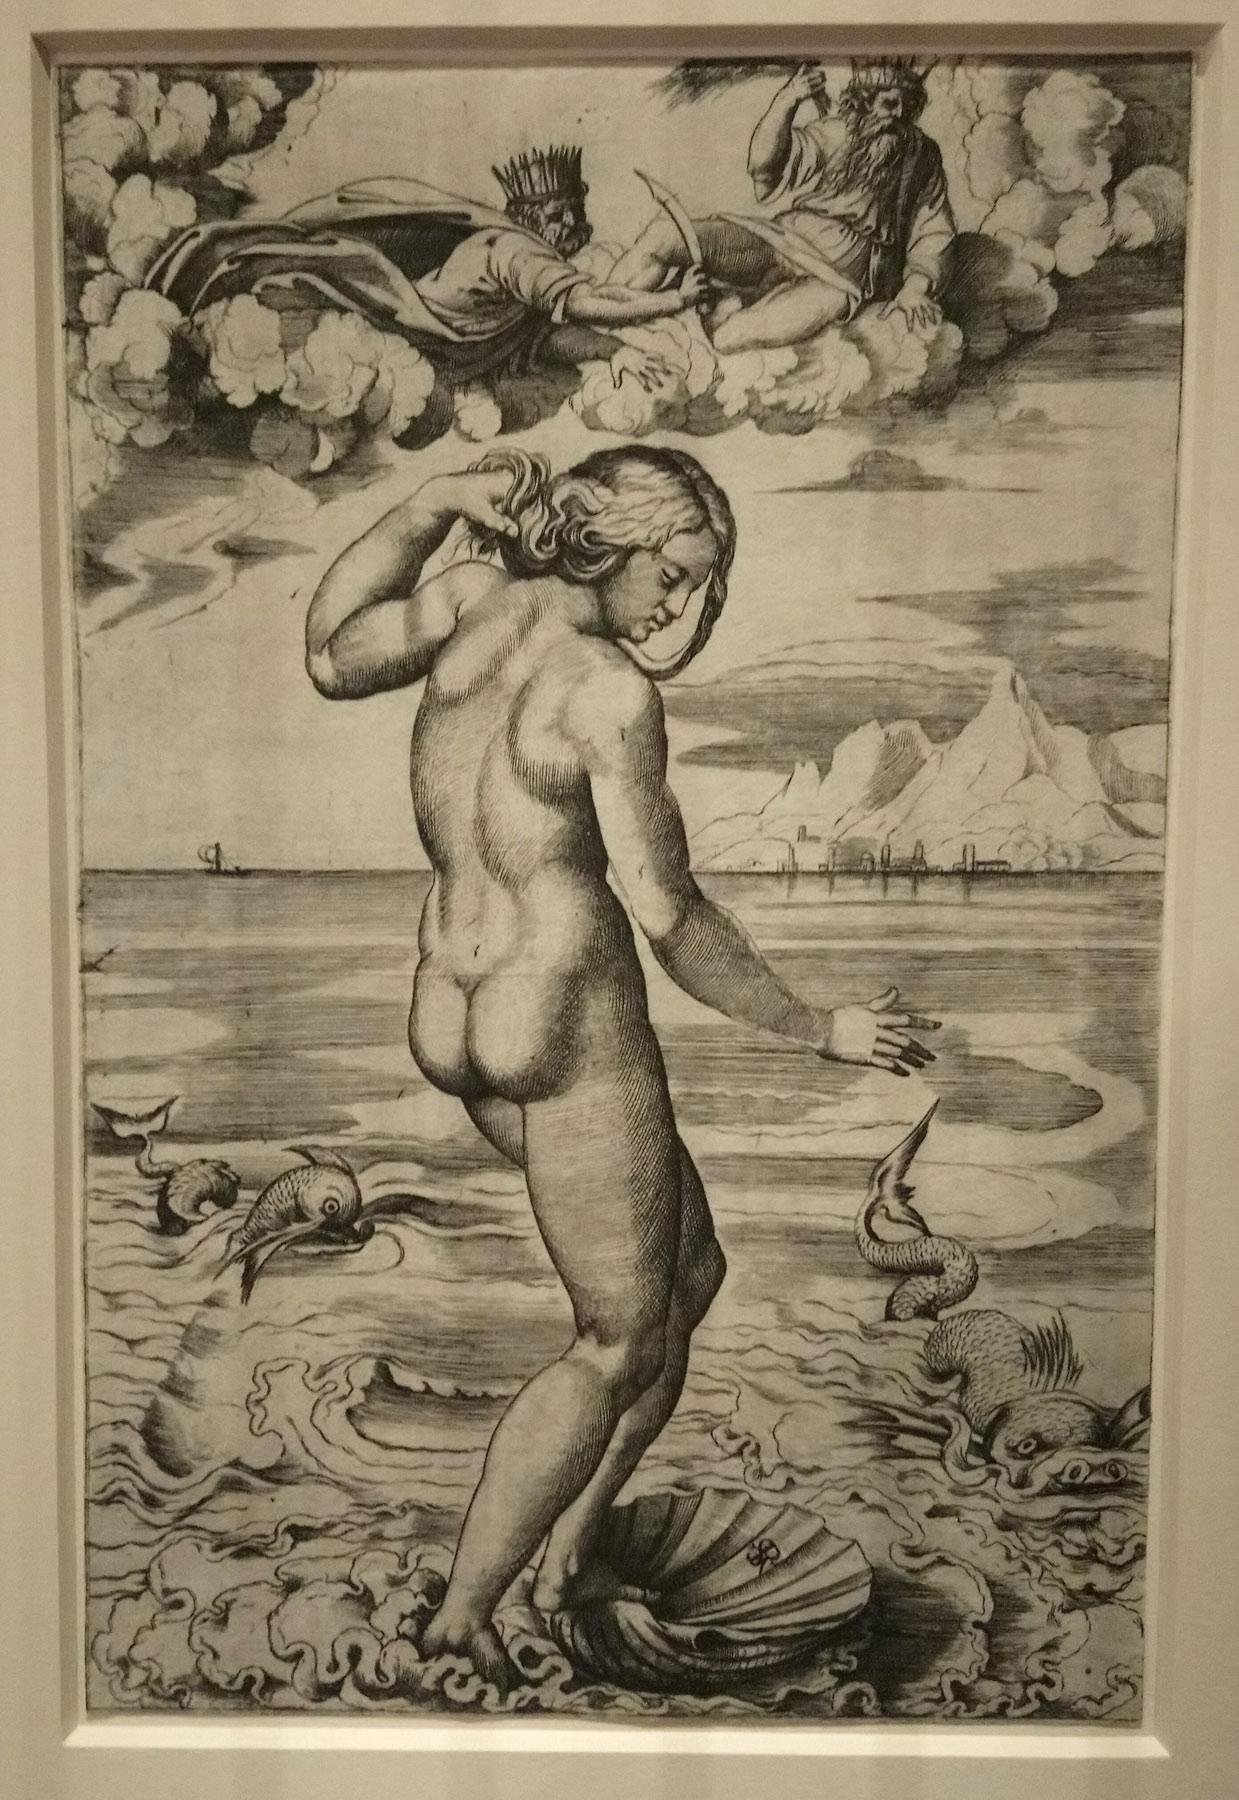 Marco Dente da Ravenna (da Raffaello), Venere Anadiomene (1516 circa; incisione a bulino, 262 x 172 mm; Vienna, Albertina)